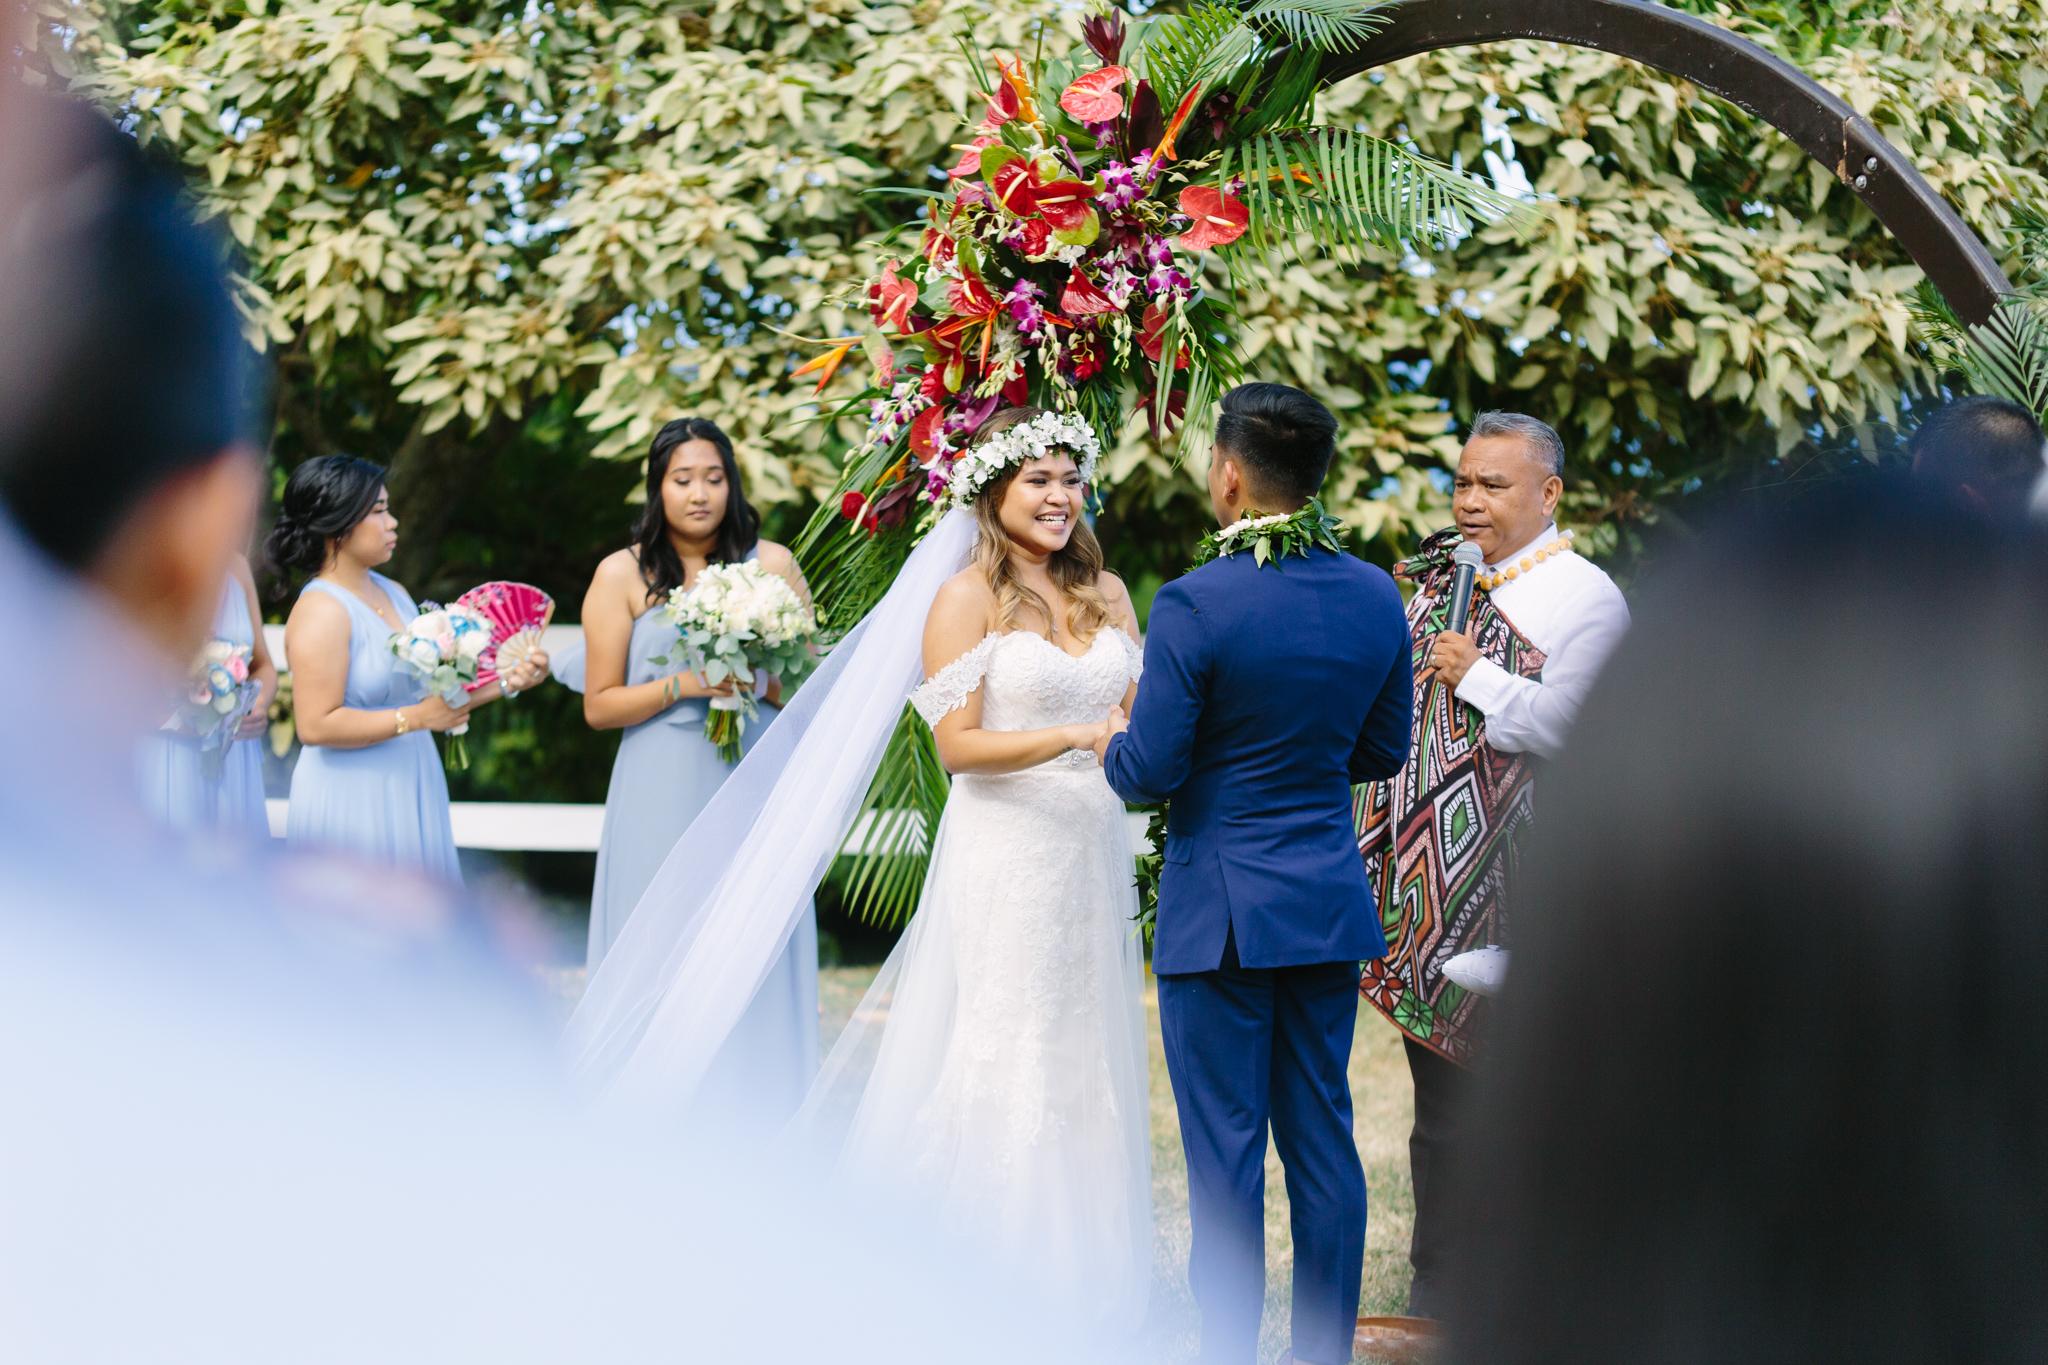 kualoa_ranch_wedding_photography_tone_hawaii-58.jpg